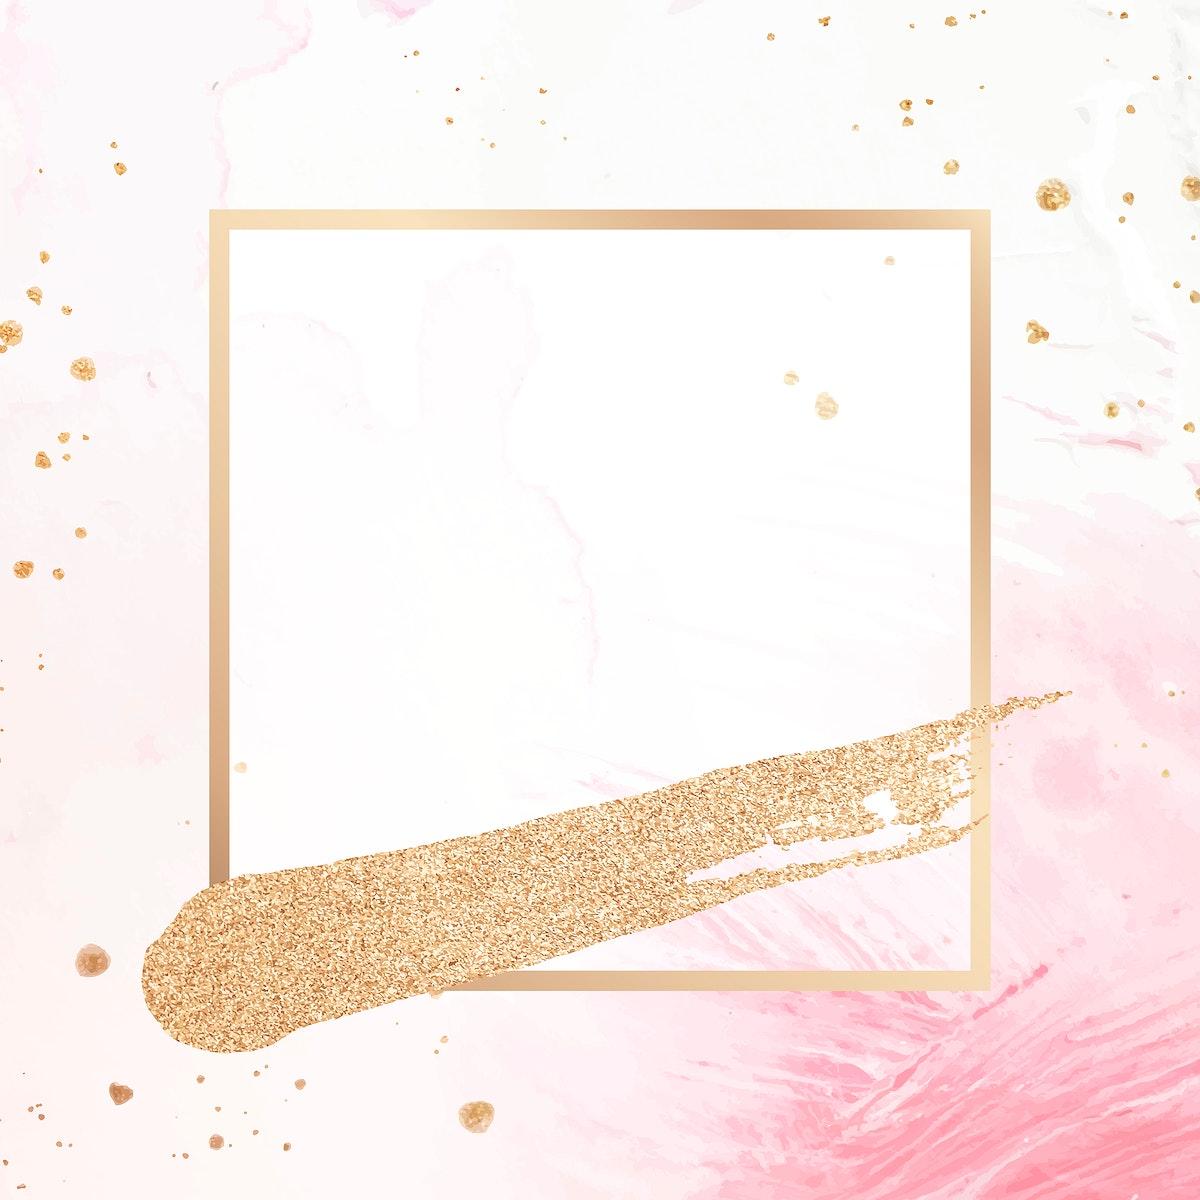 sticker, frame, pink, banner